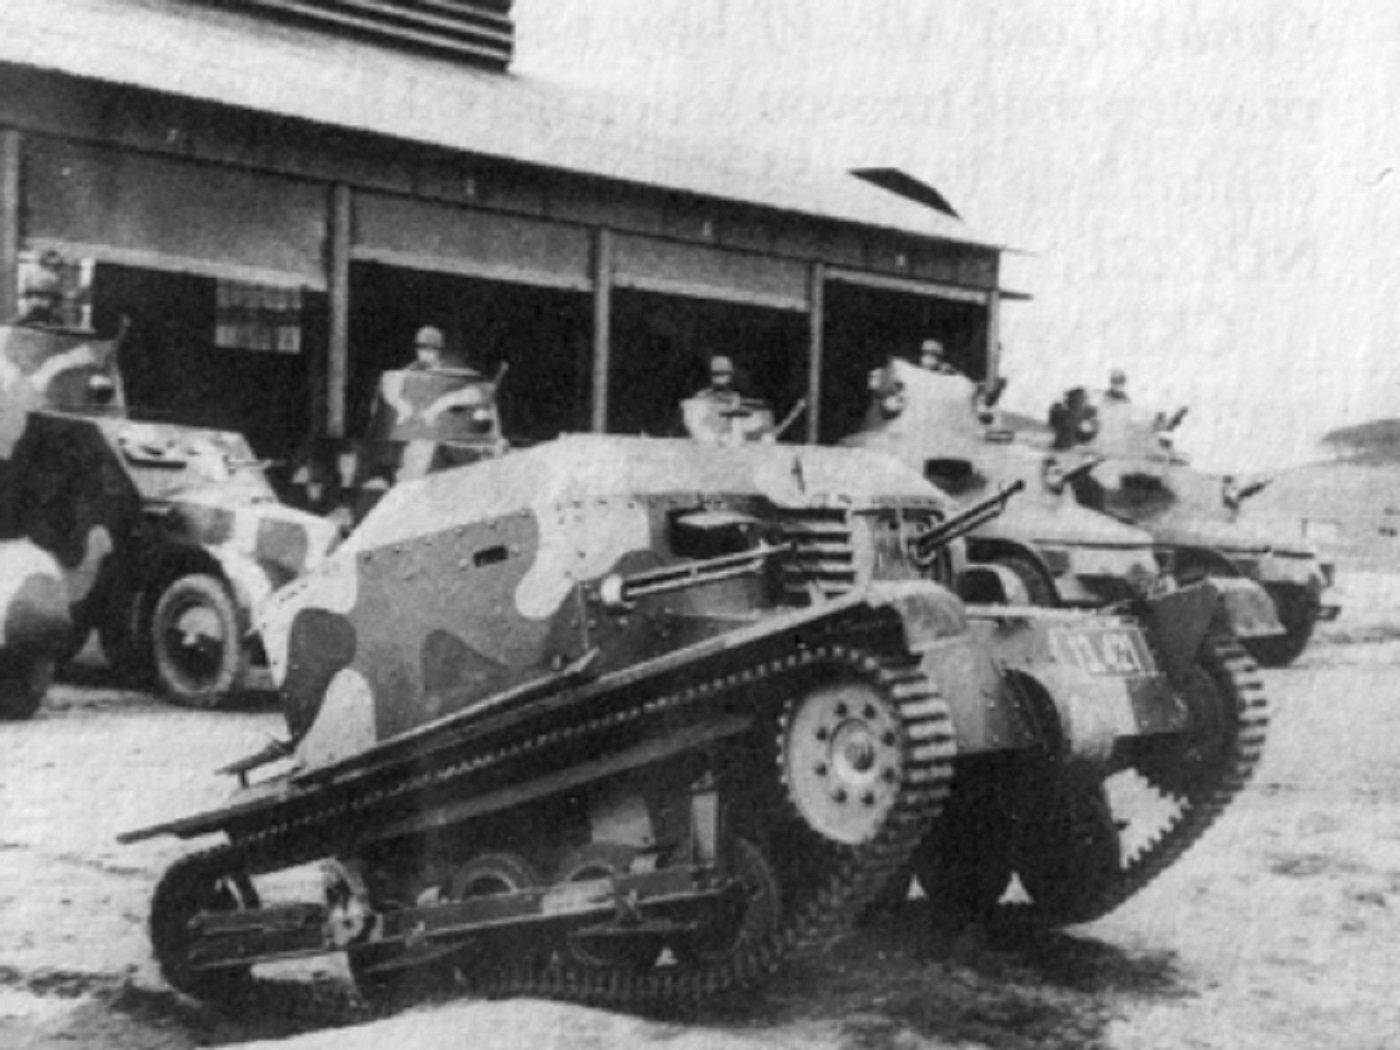 Tančík vz. 33 - Nejhorší vozítko československé armády, které bylo úplně k ničemu - anotační obrázek